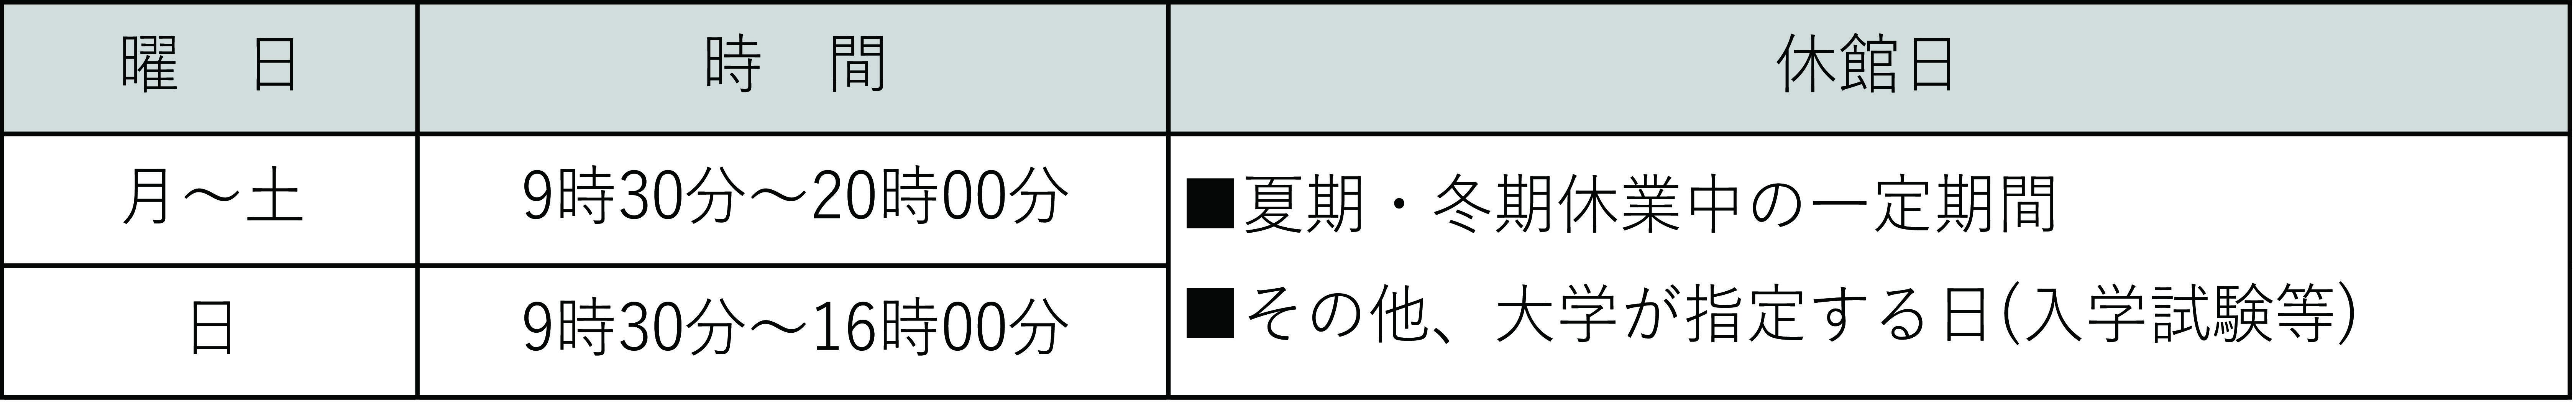 KSS timetable.jpg